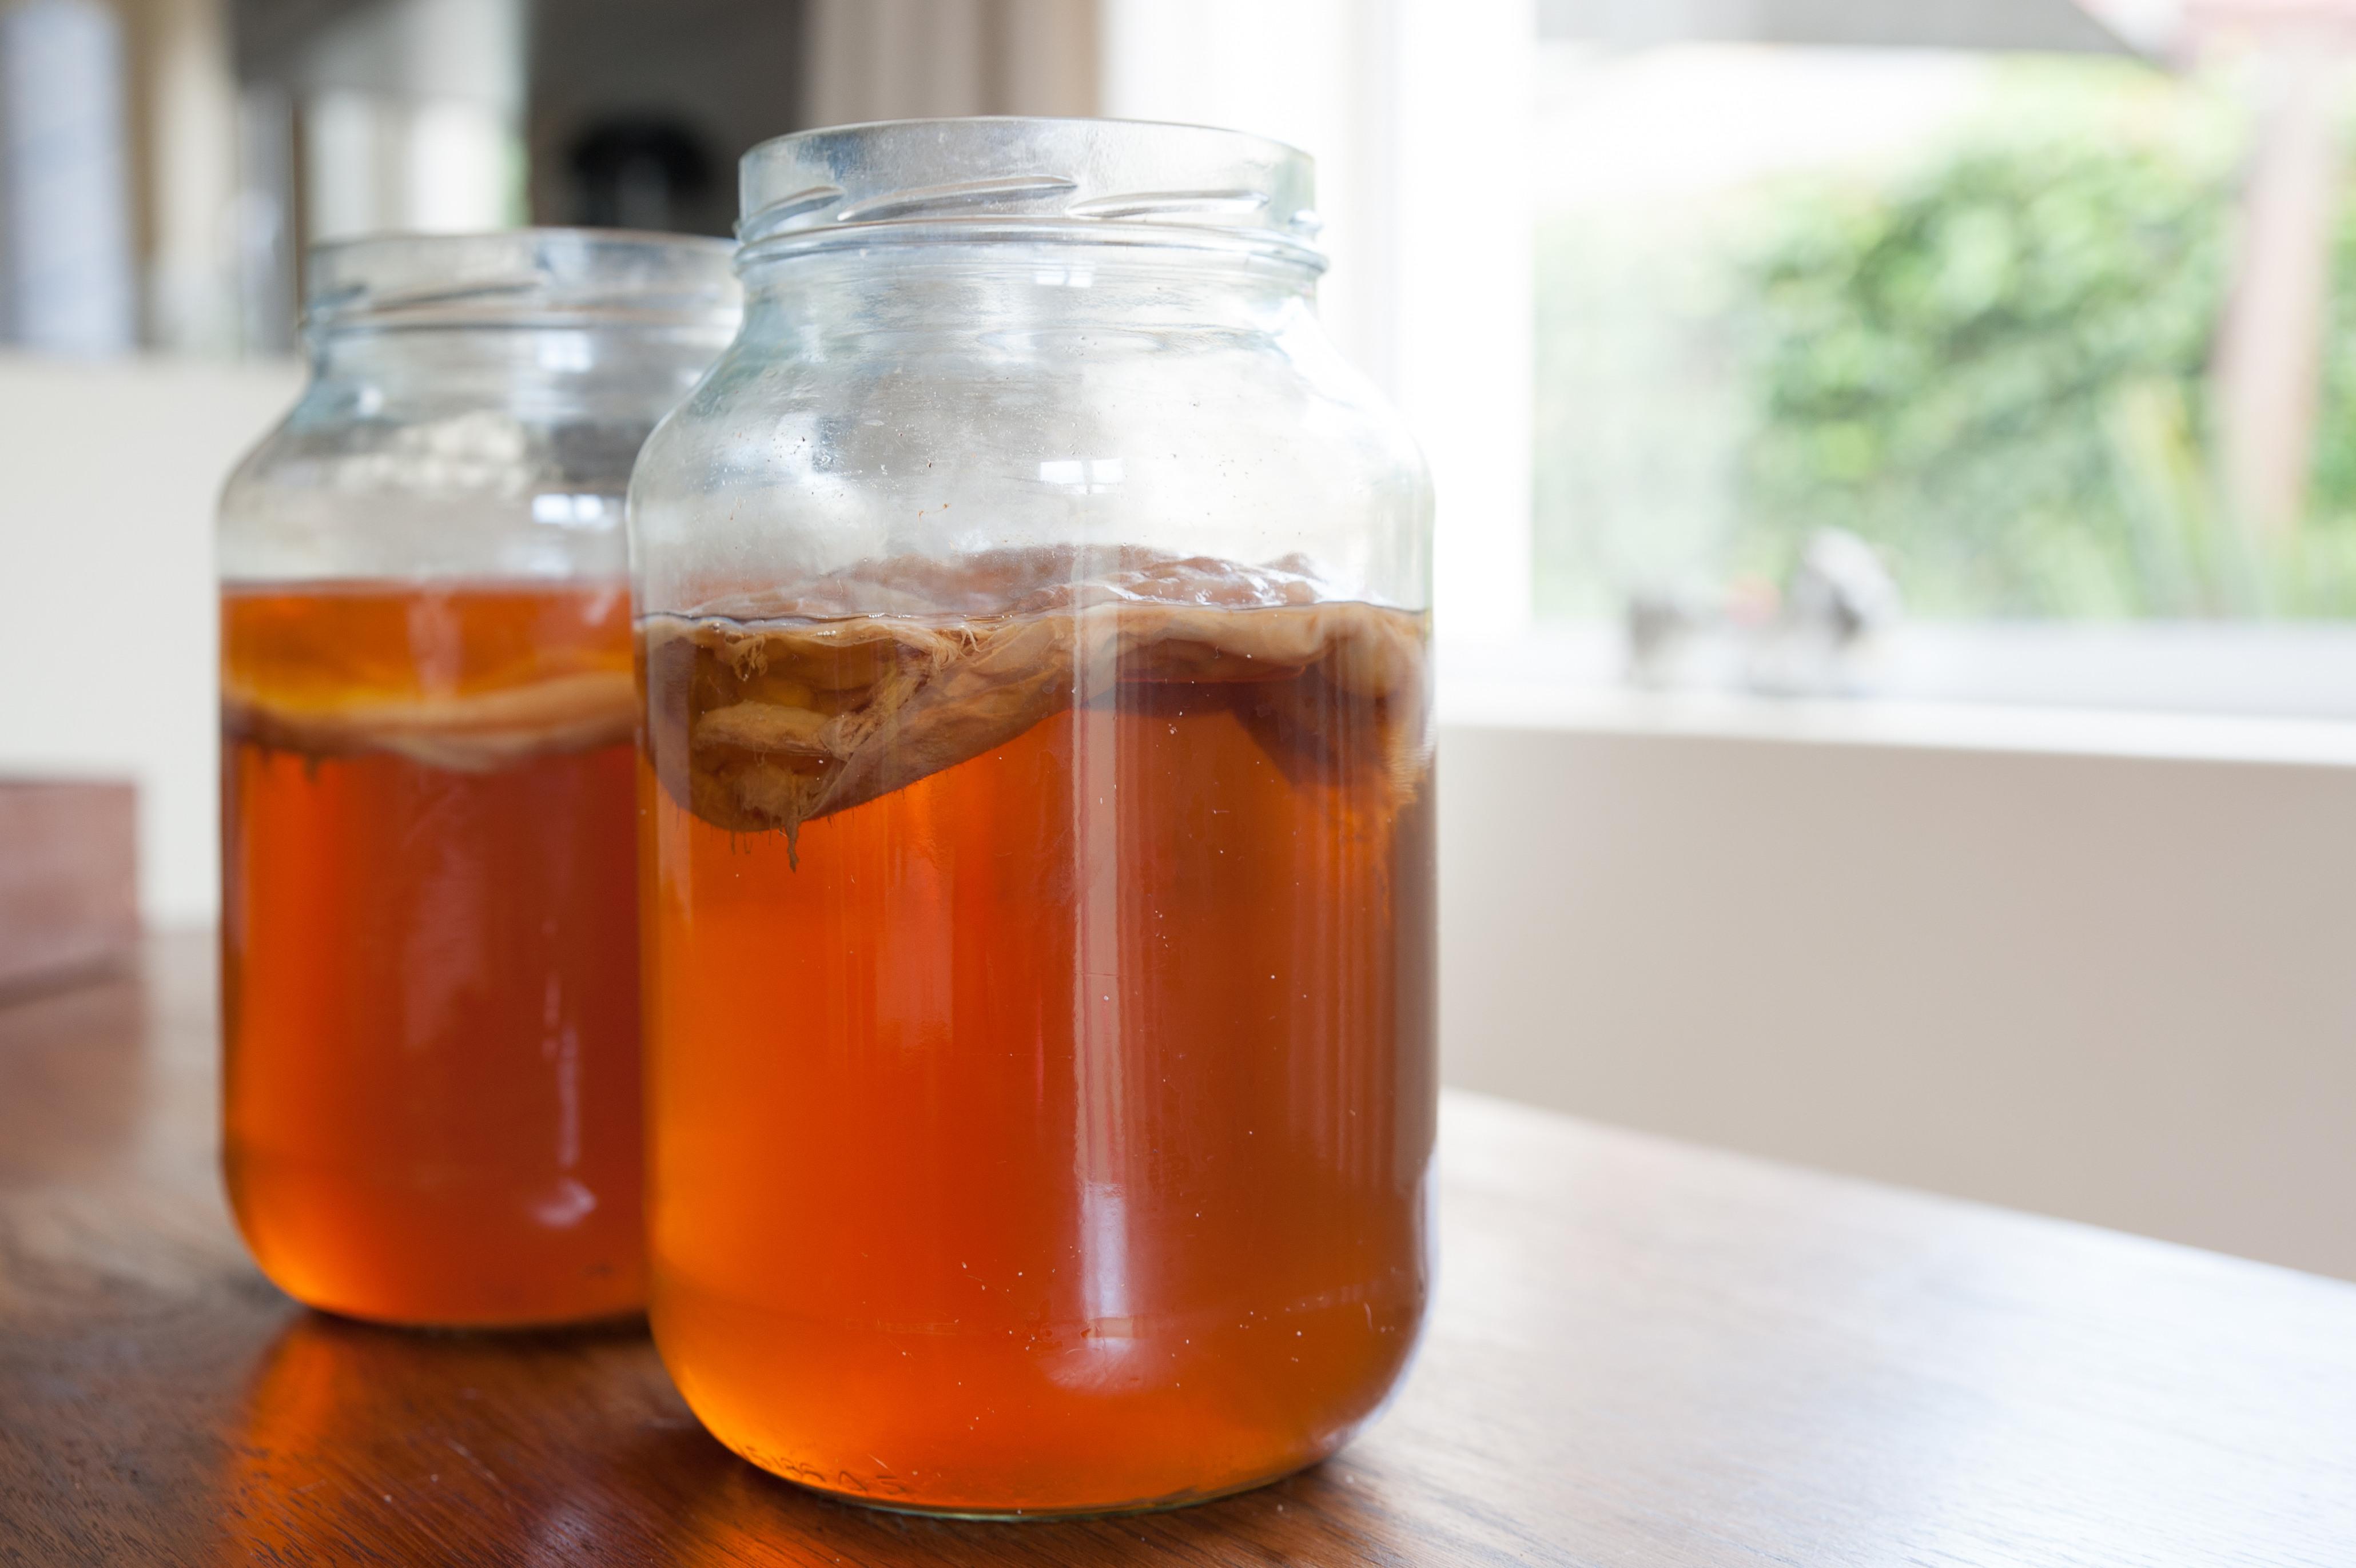 Fermentering - kombucha, kefir & ginger bug